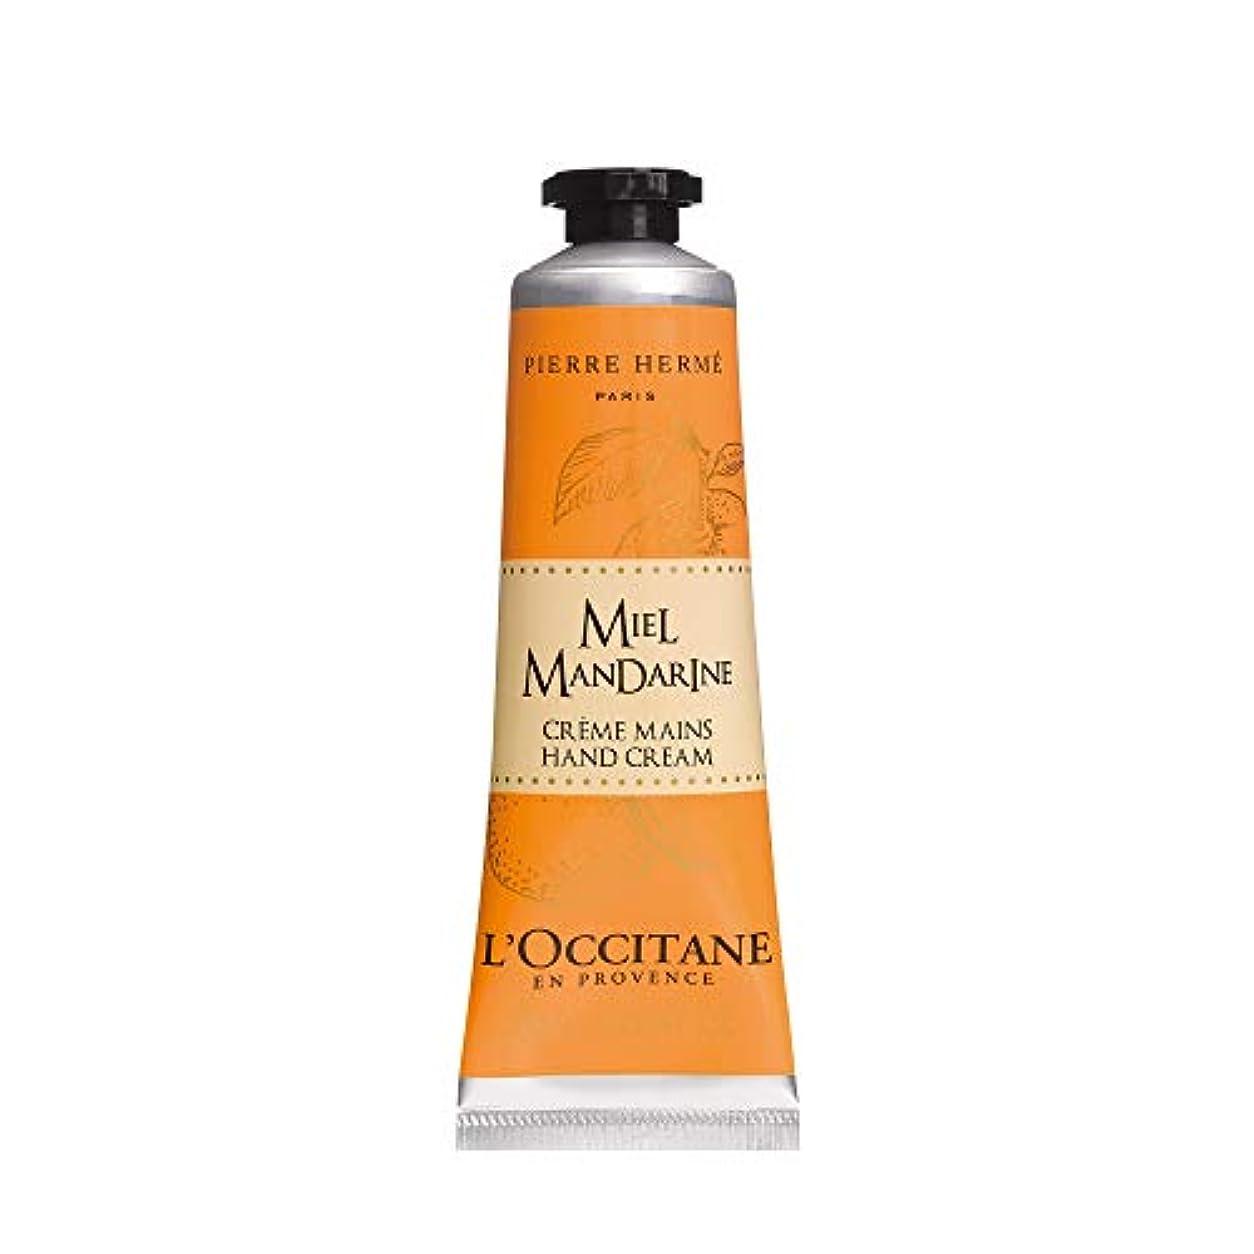 ぜいたく悲鳴ハムロクシタン(L'OCCITANE) ミエルマンダリン ハンドクリーム 30ml ハートウオーミングオレンジハニー